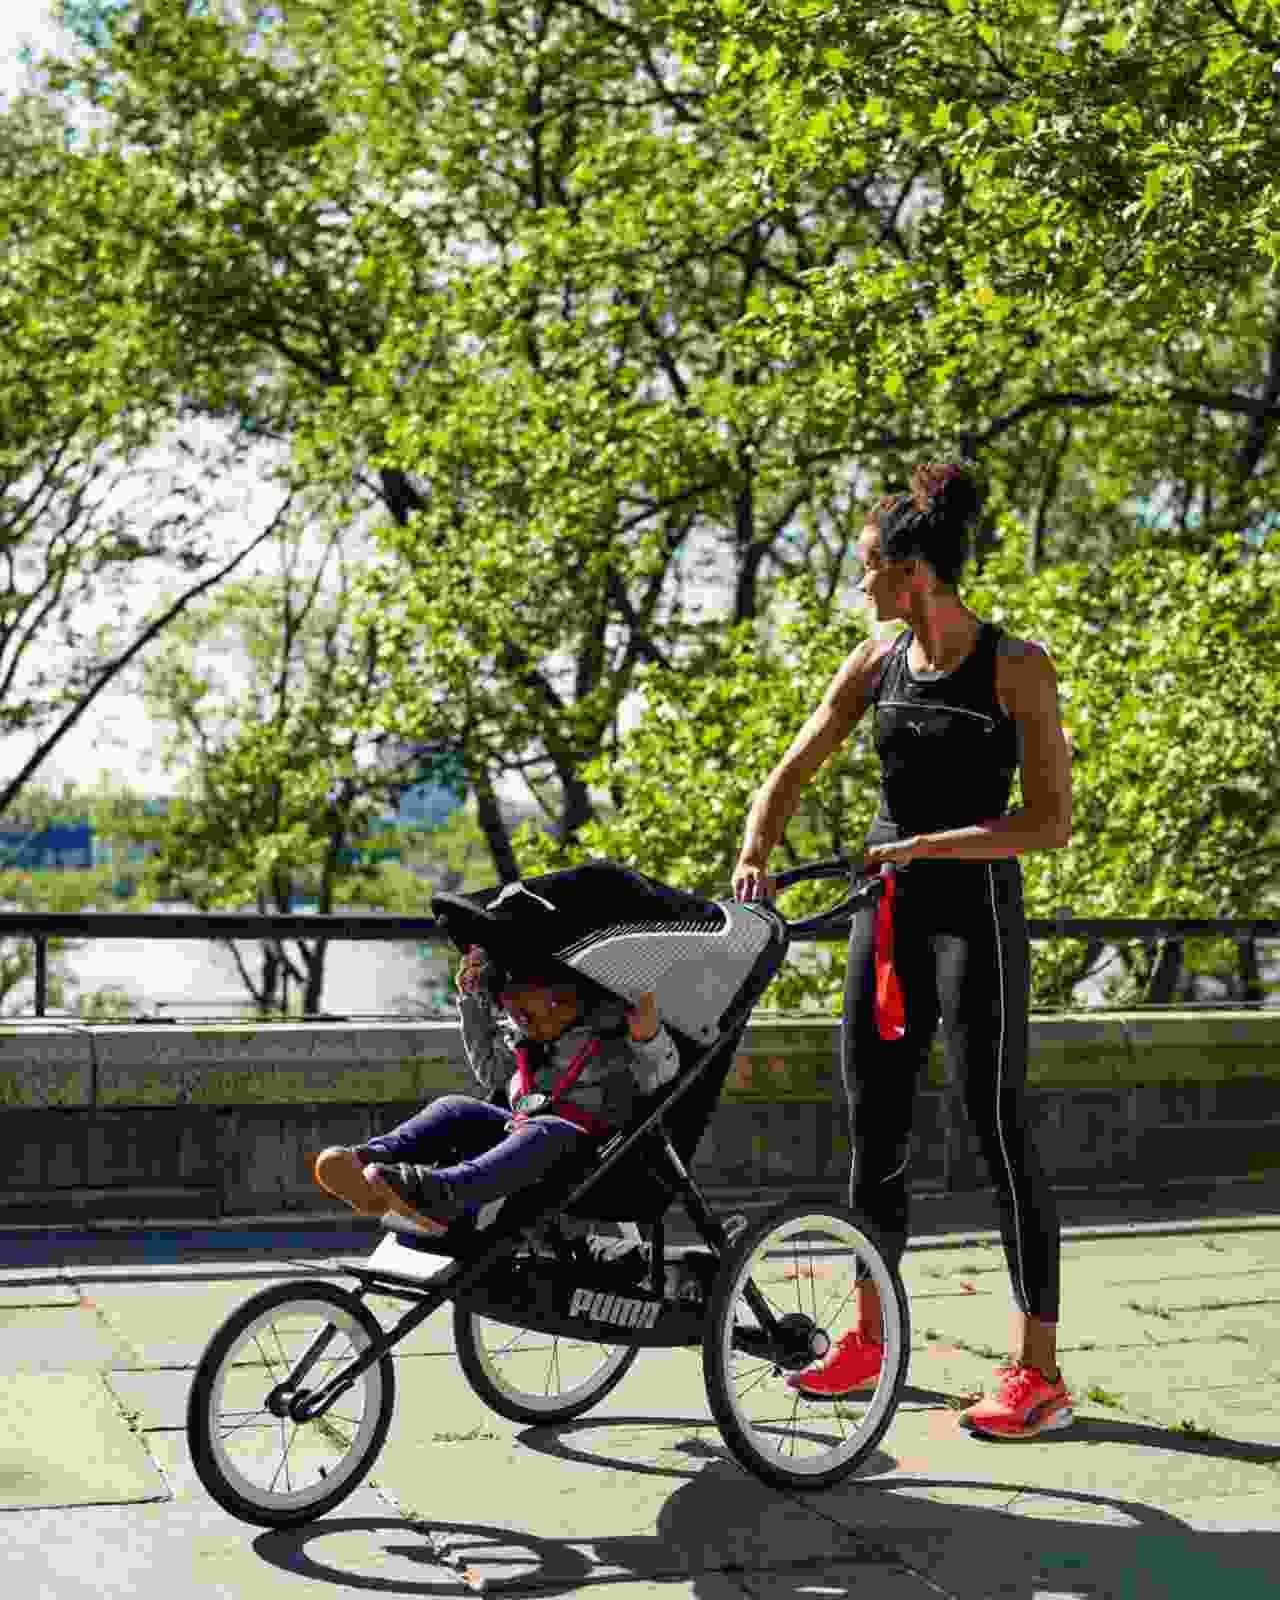 Il nuovo passeggino sportivo Cybex brandizzato Puma